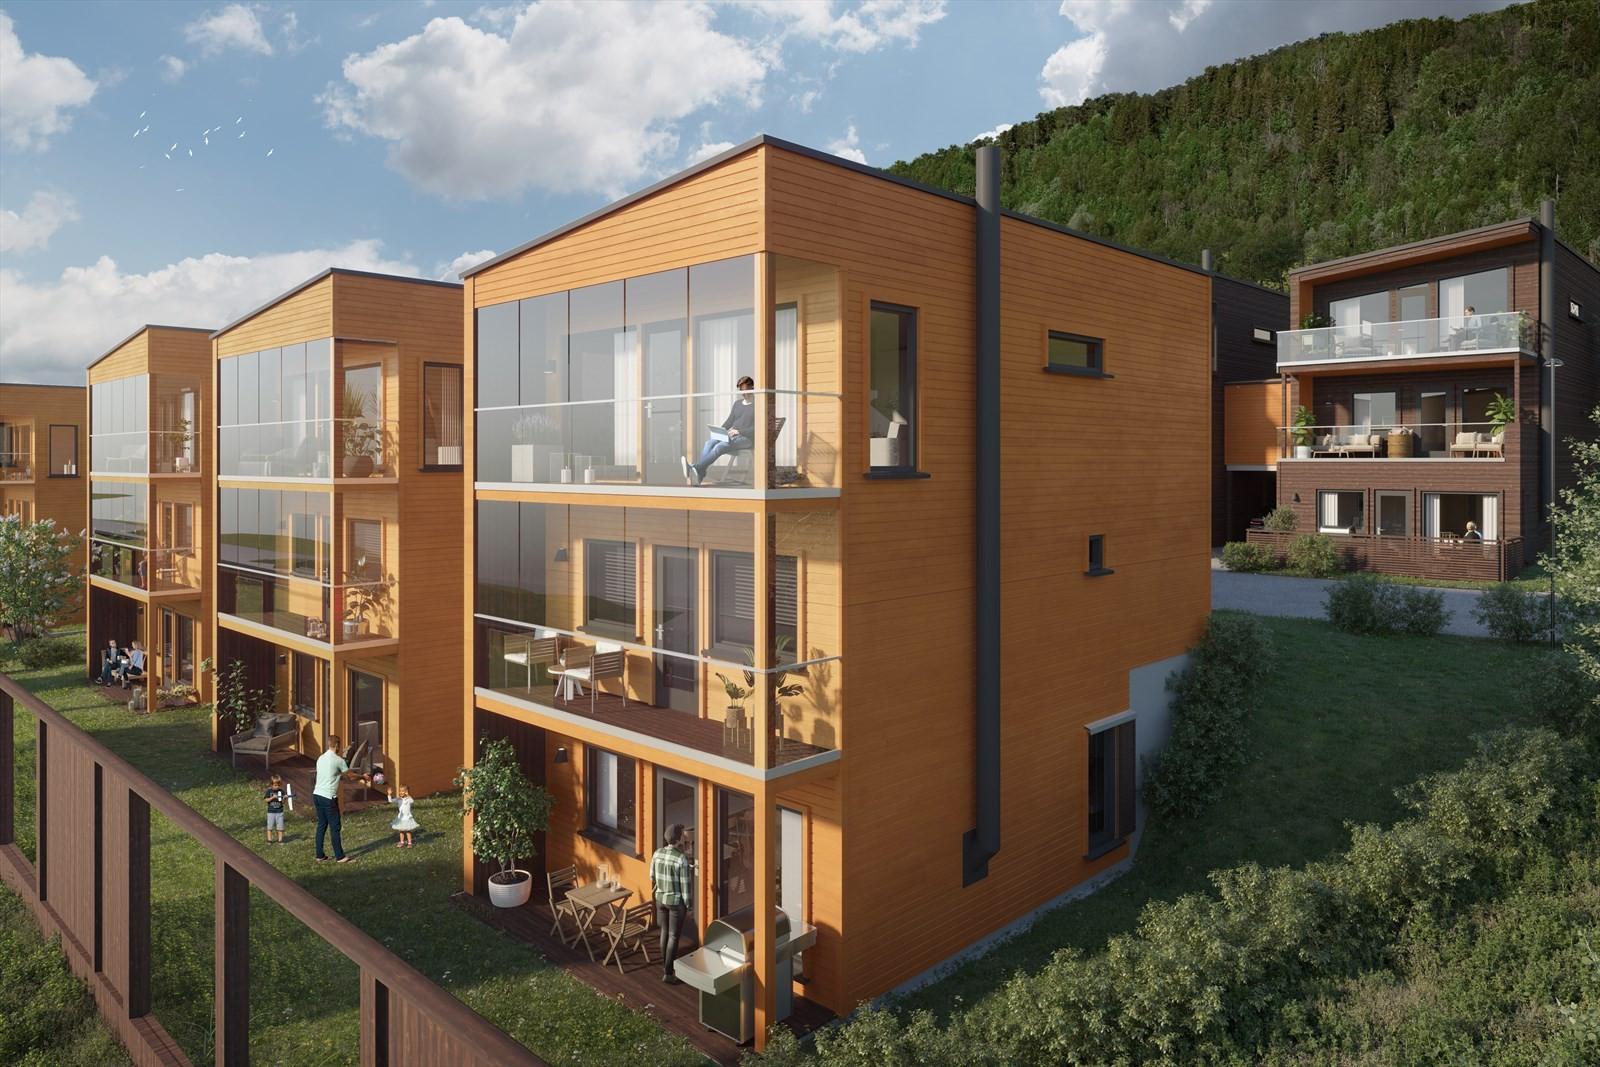 Denne hustypen består av en 4-roms leilighet i de 2 øverste plan i boligen og en 2-roms i u. etasjen